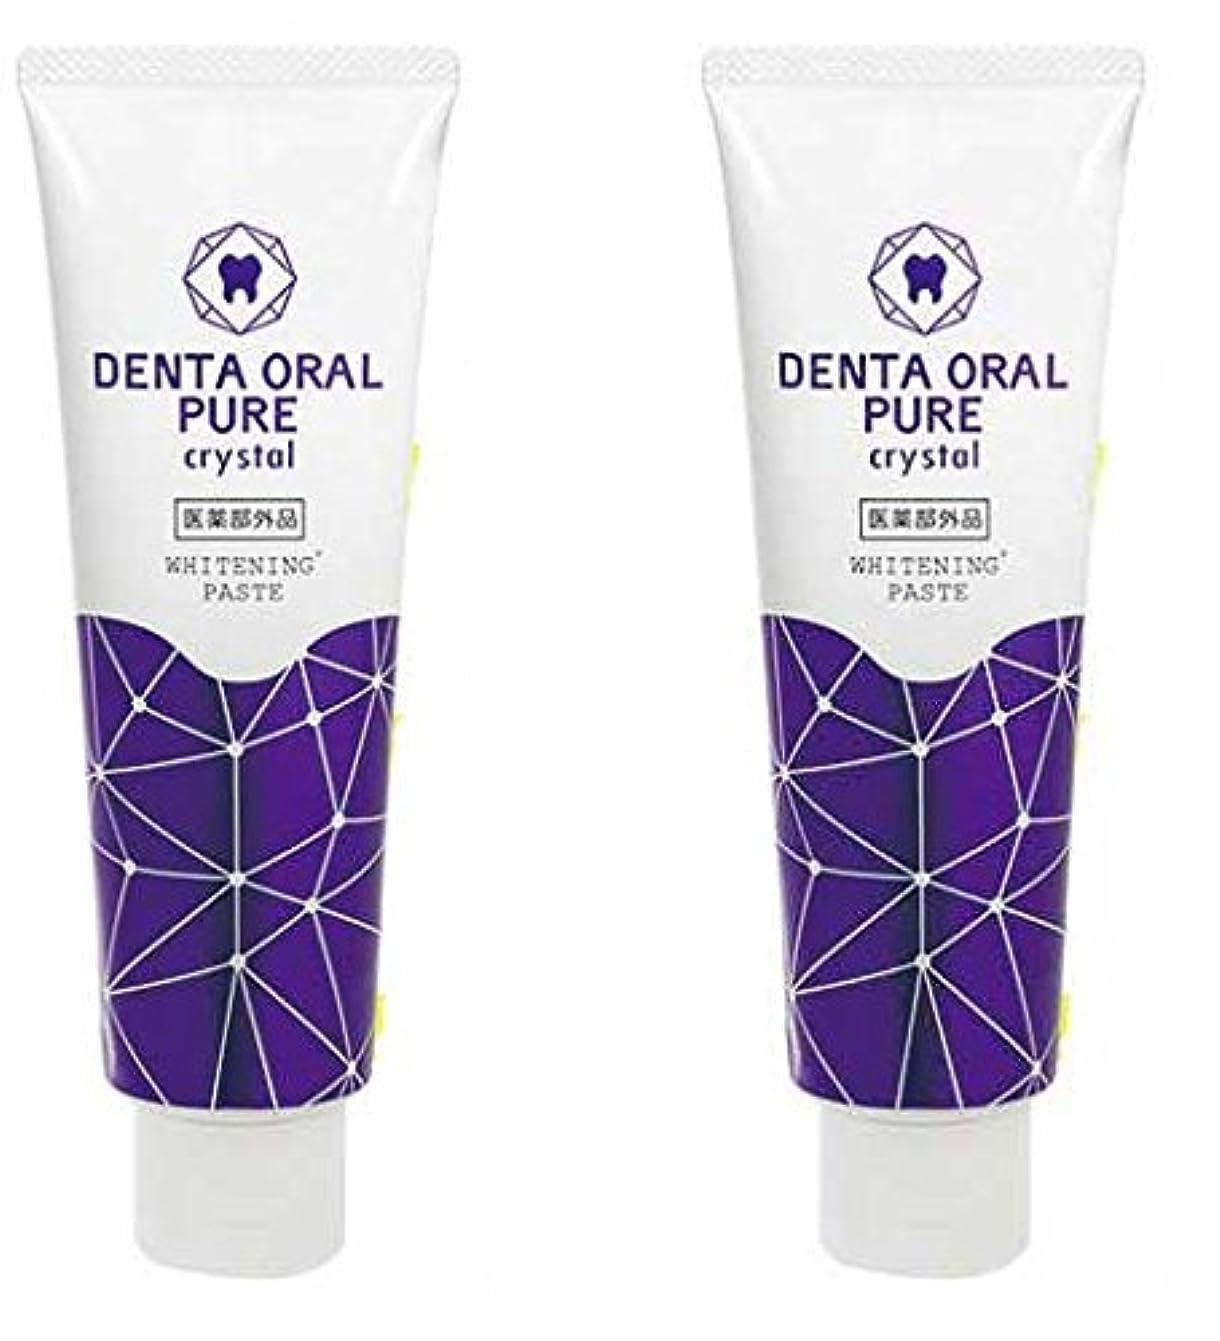 森ペルメル息苦しいホワイトニング歯磨き粉 デンタオーラルピュア クリスタル 2個セット 医薬部外品